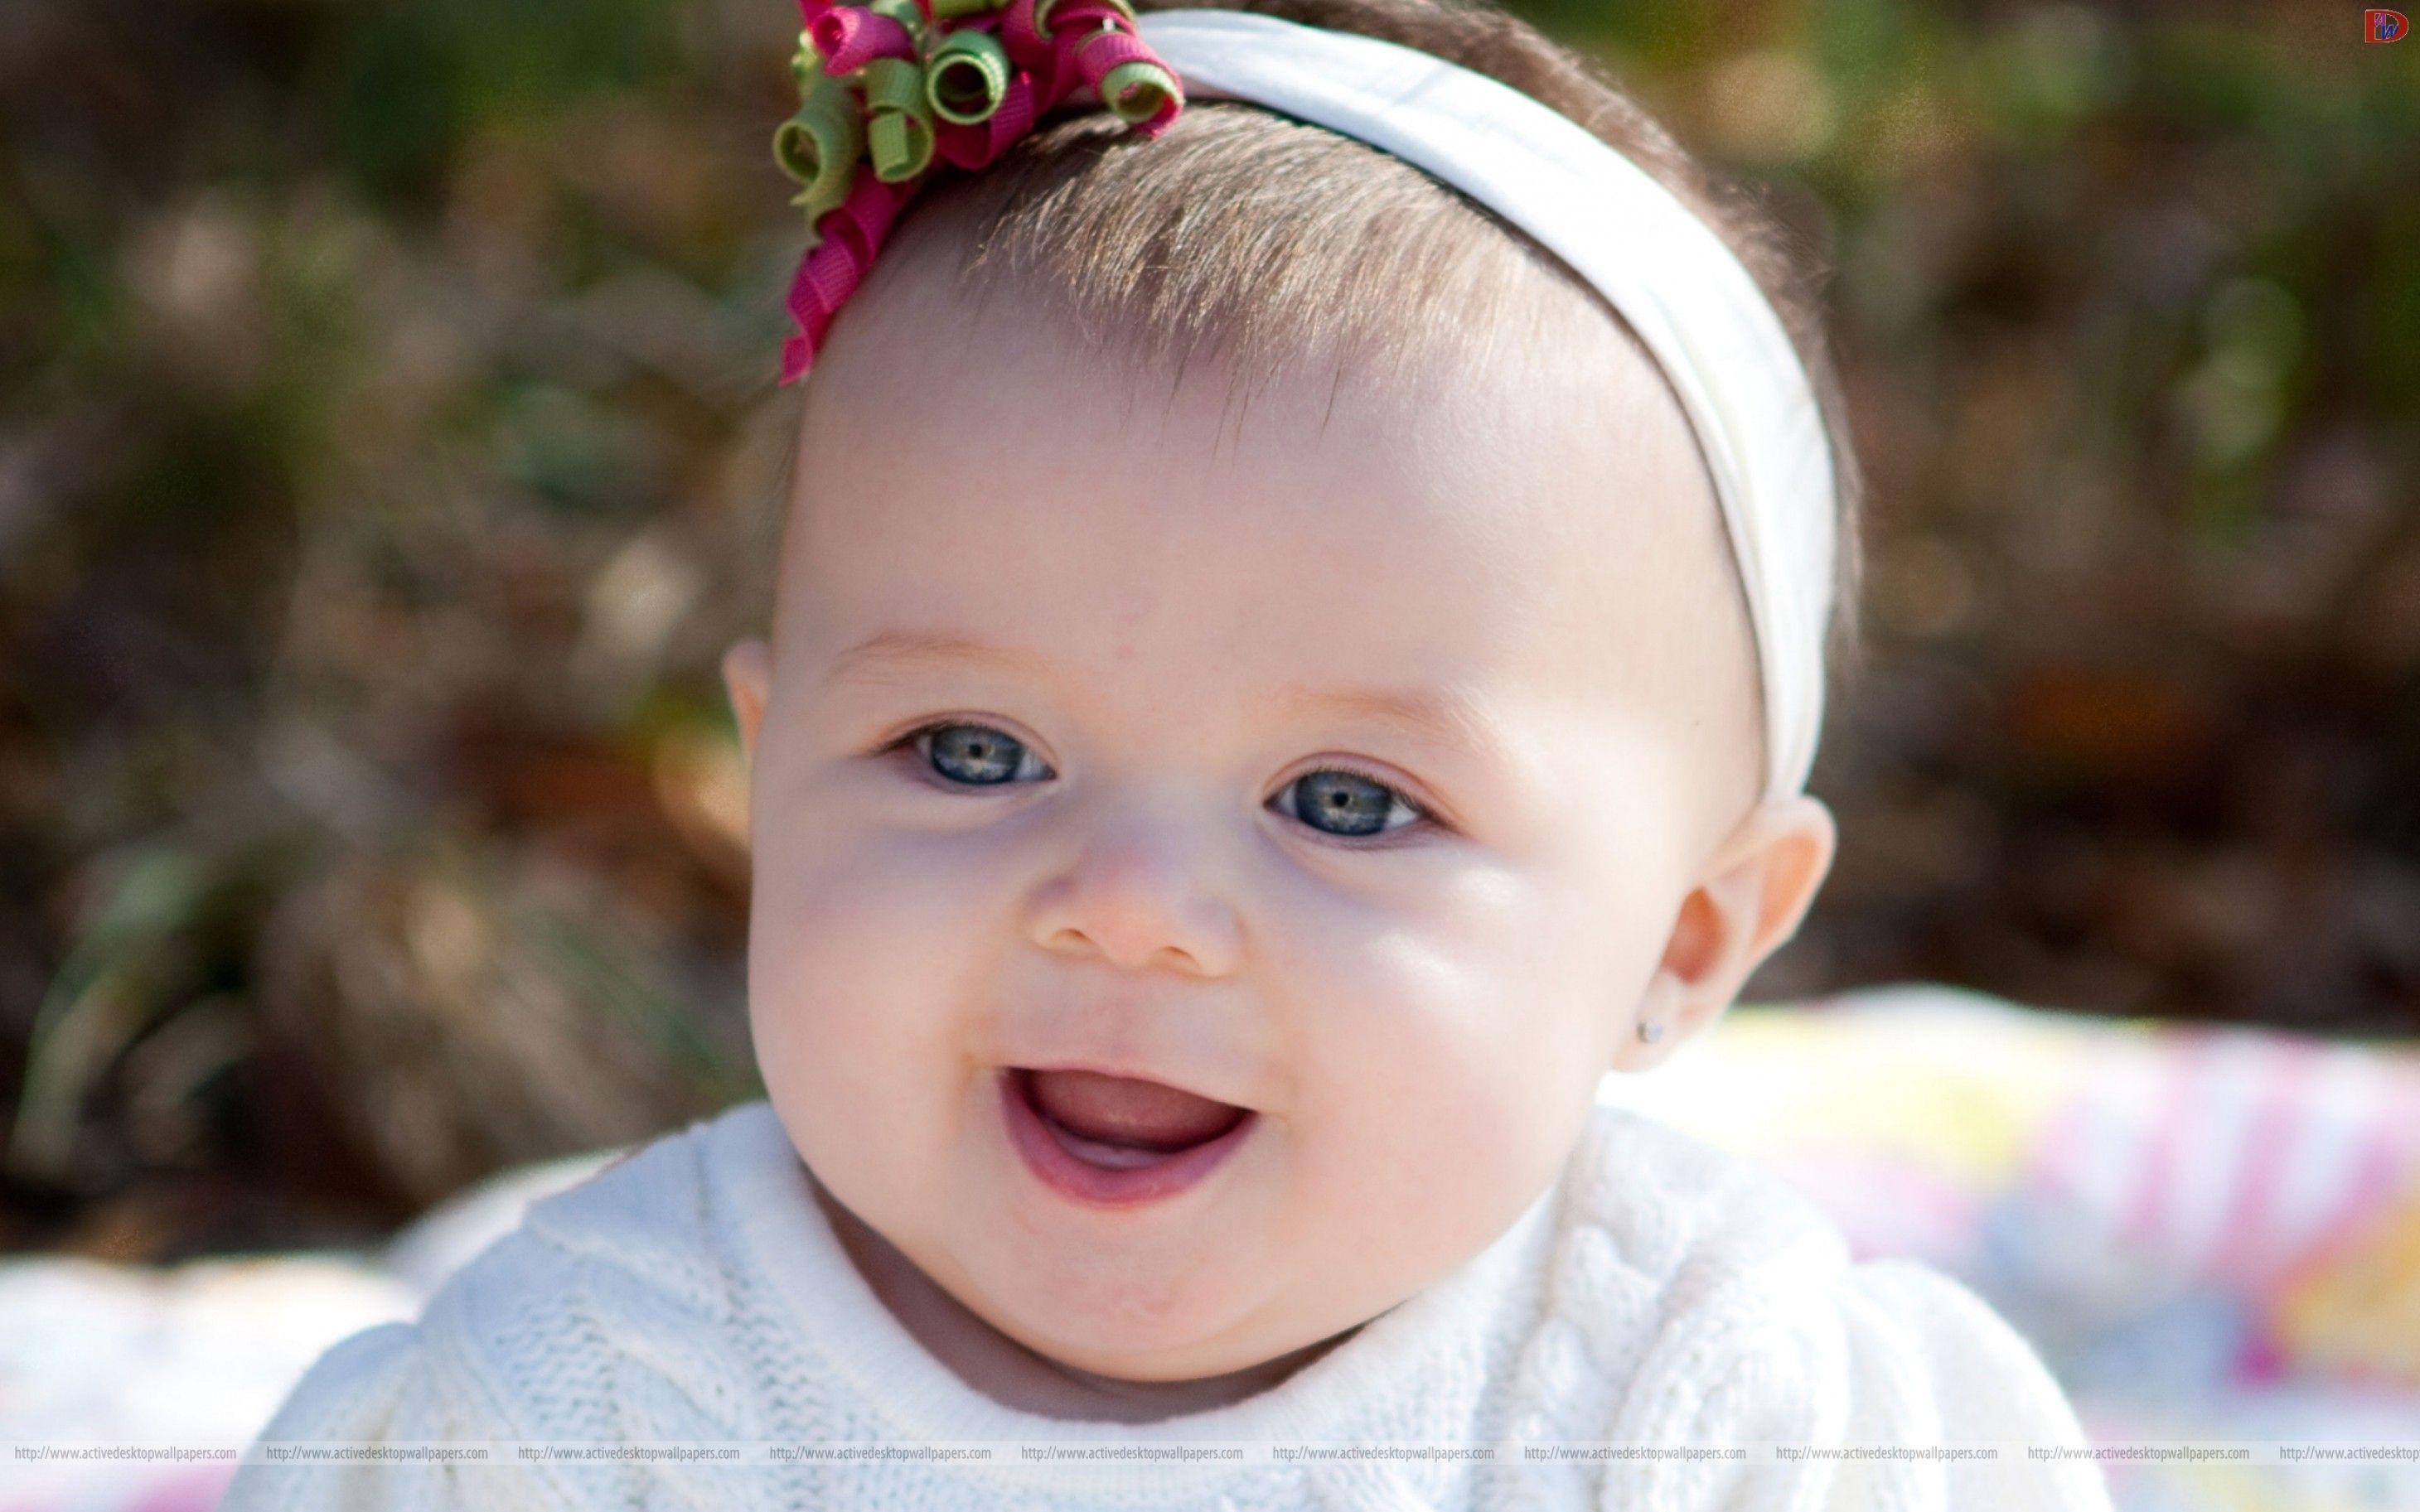 Wallpaper download cute - Full Hd Cute Baby Wallpaper Download For Mobile Wallpapers